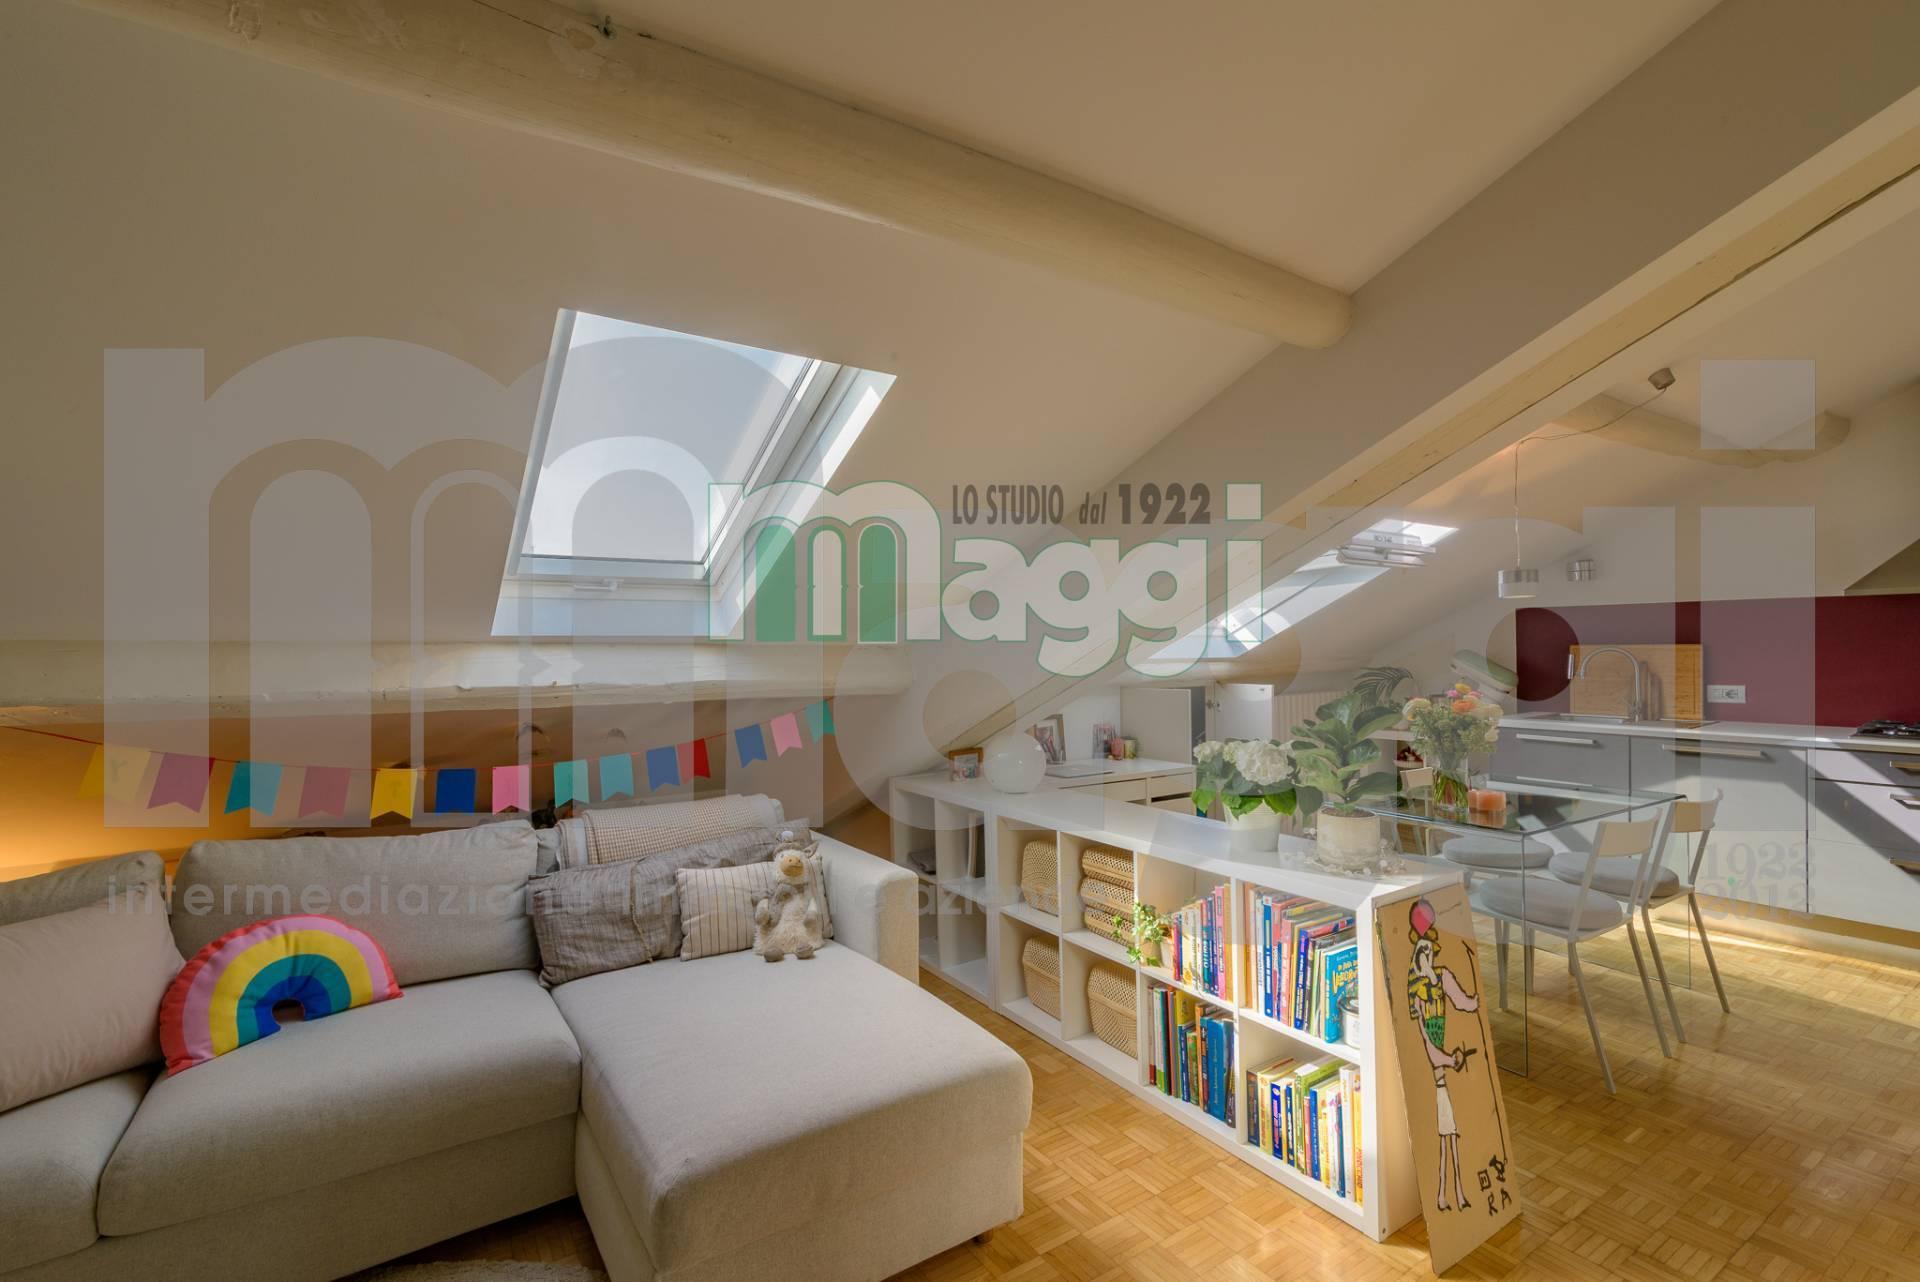 Appartamento in Vendita a Milano 08 Vercelli / Magenta / Cadorna / Washington: 2 locali, 60 mq